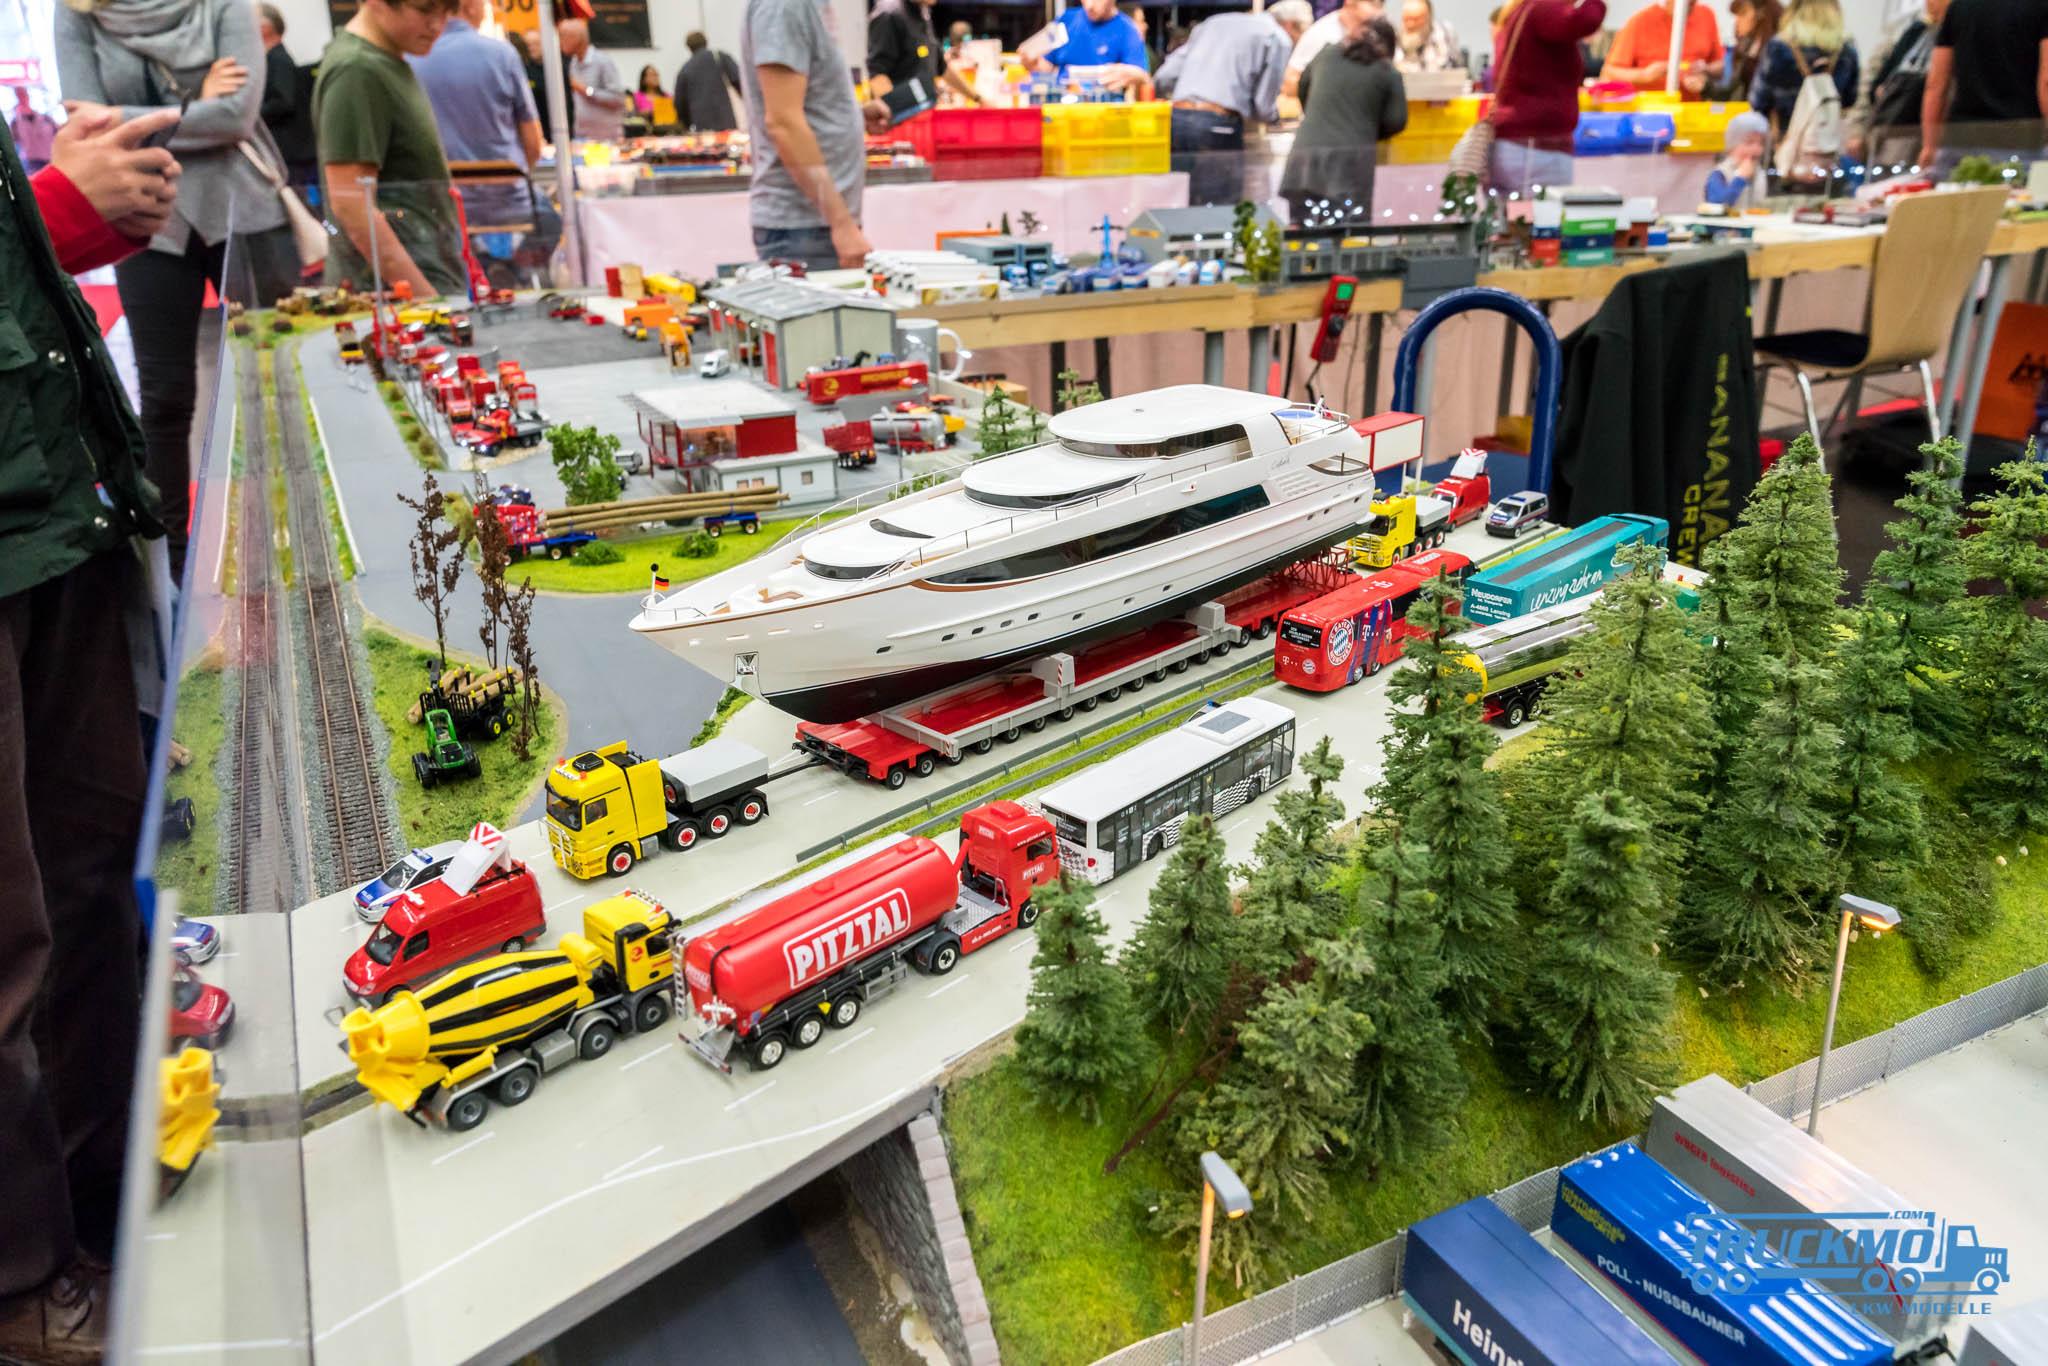 Truckmo_Modellbau_Ried_2017_Herpa_Messe_Modellbauausstellung (266 von 1177)